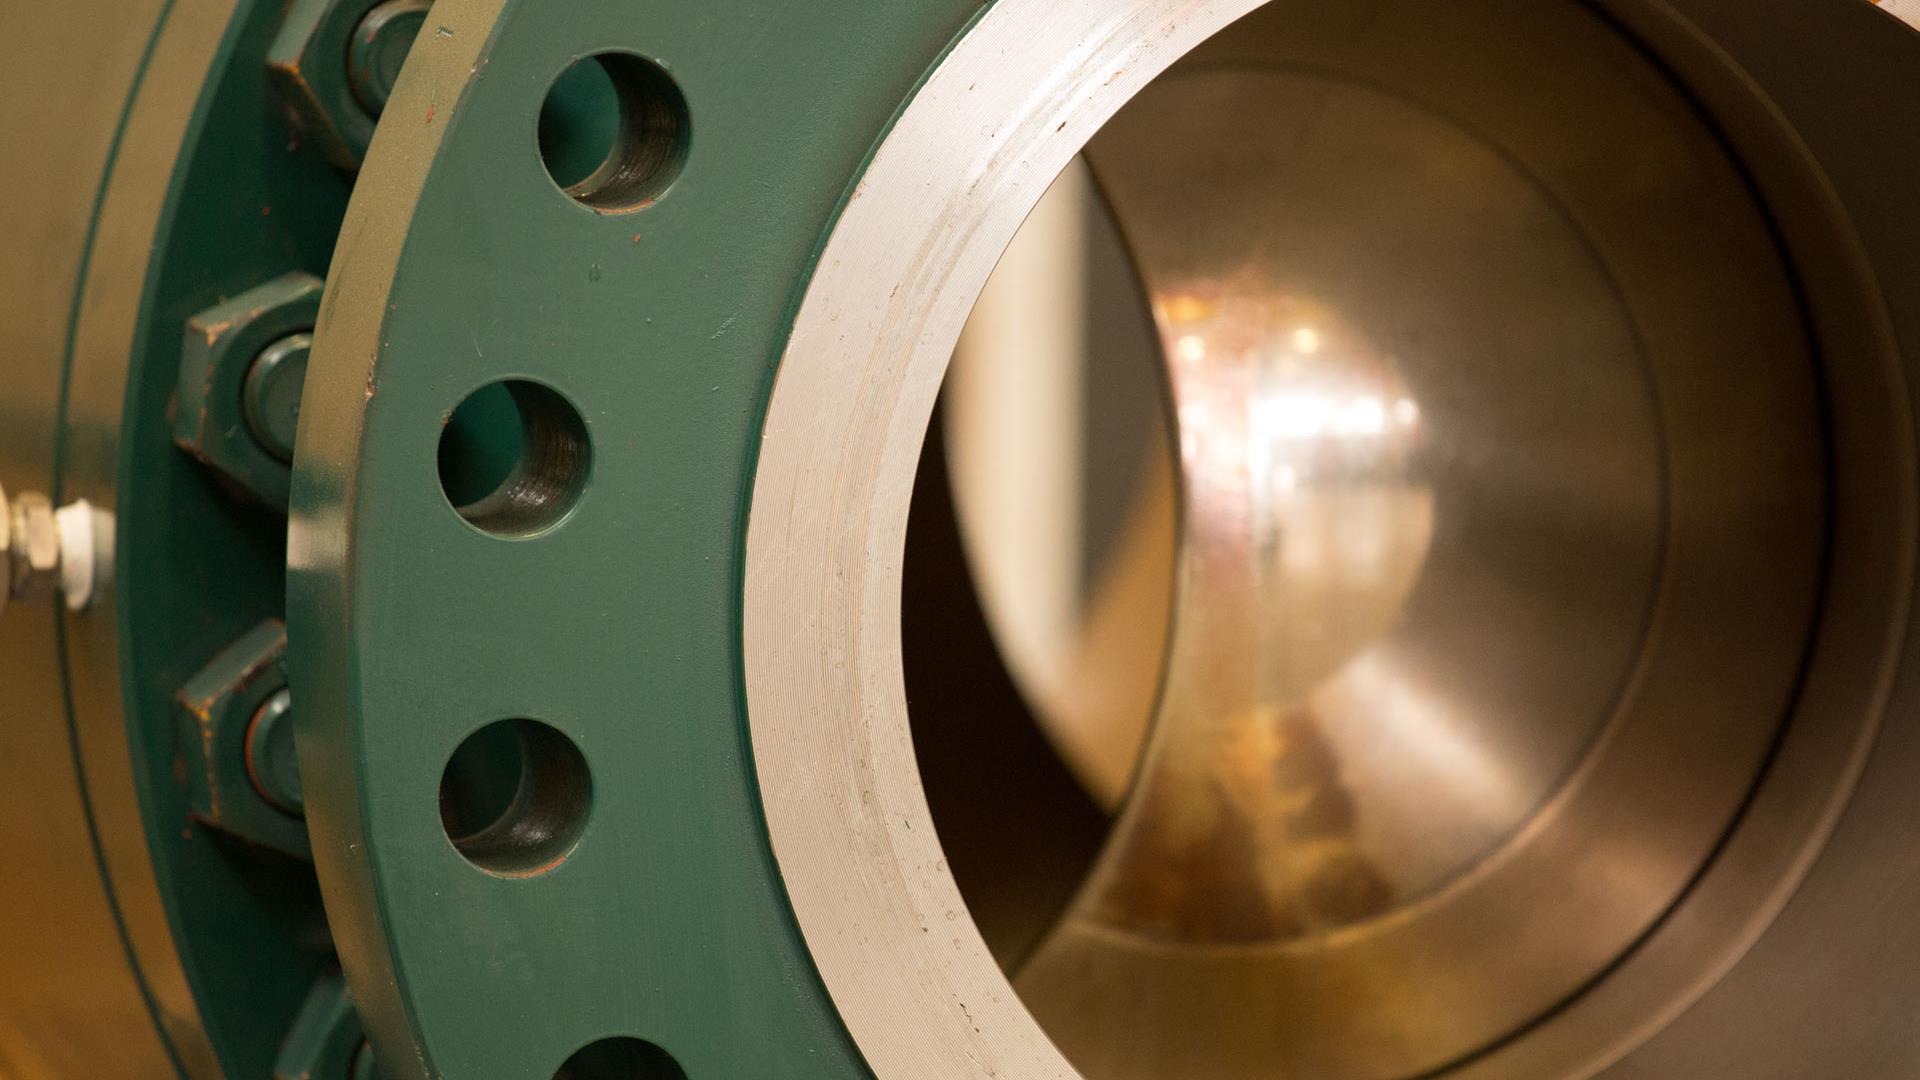 Closeup view of inside a Trunnion Ball Valve